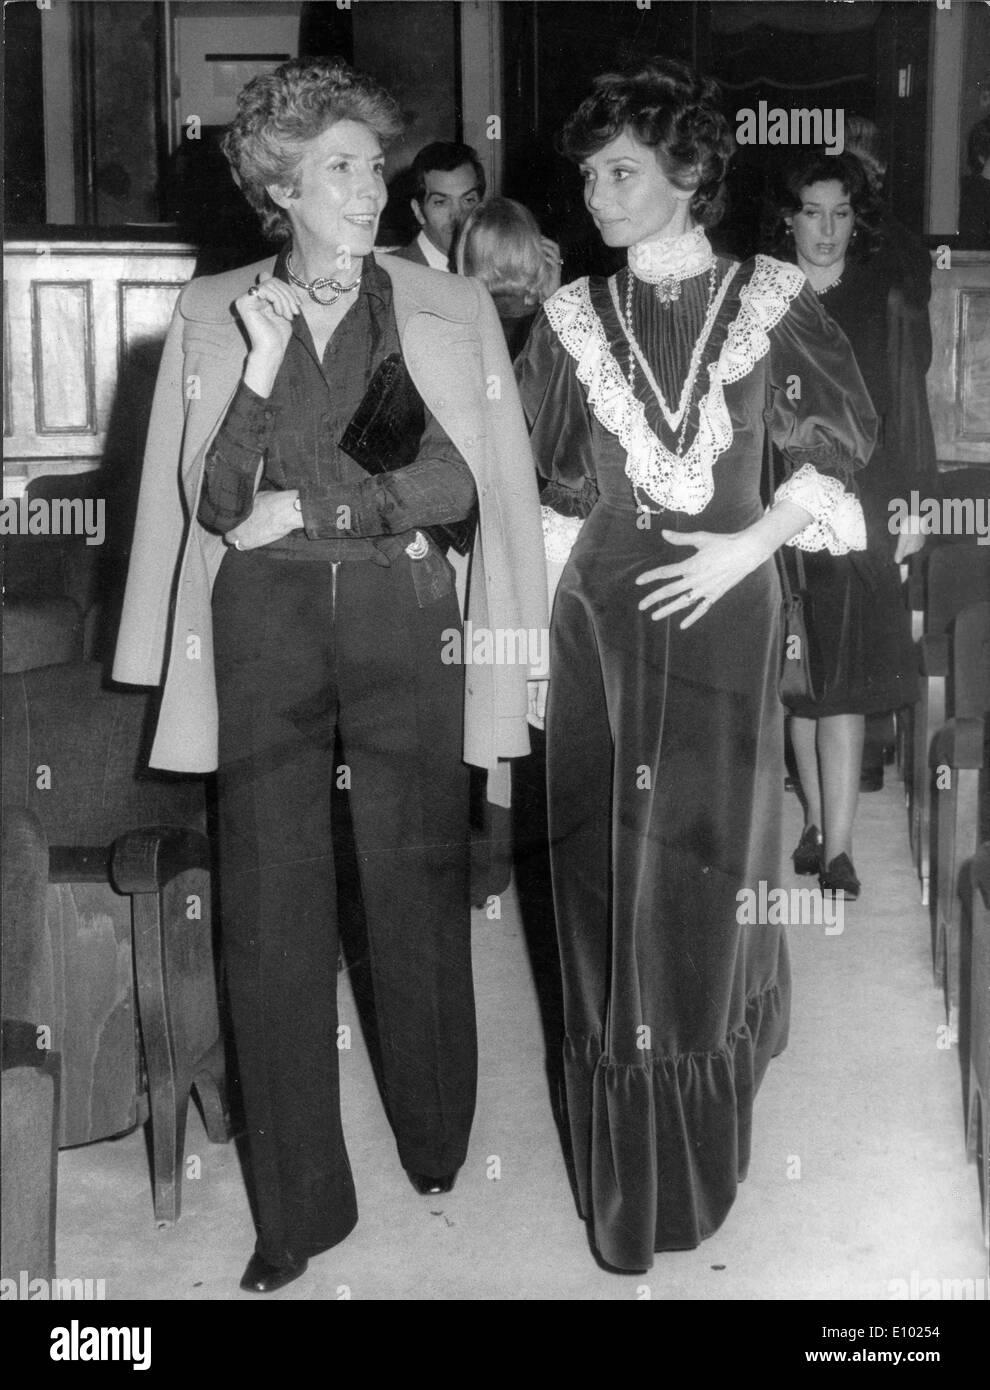 Audrey Hepburn and Terese von Furstenstein at theatre - Stock Image